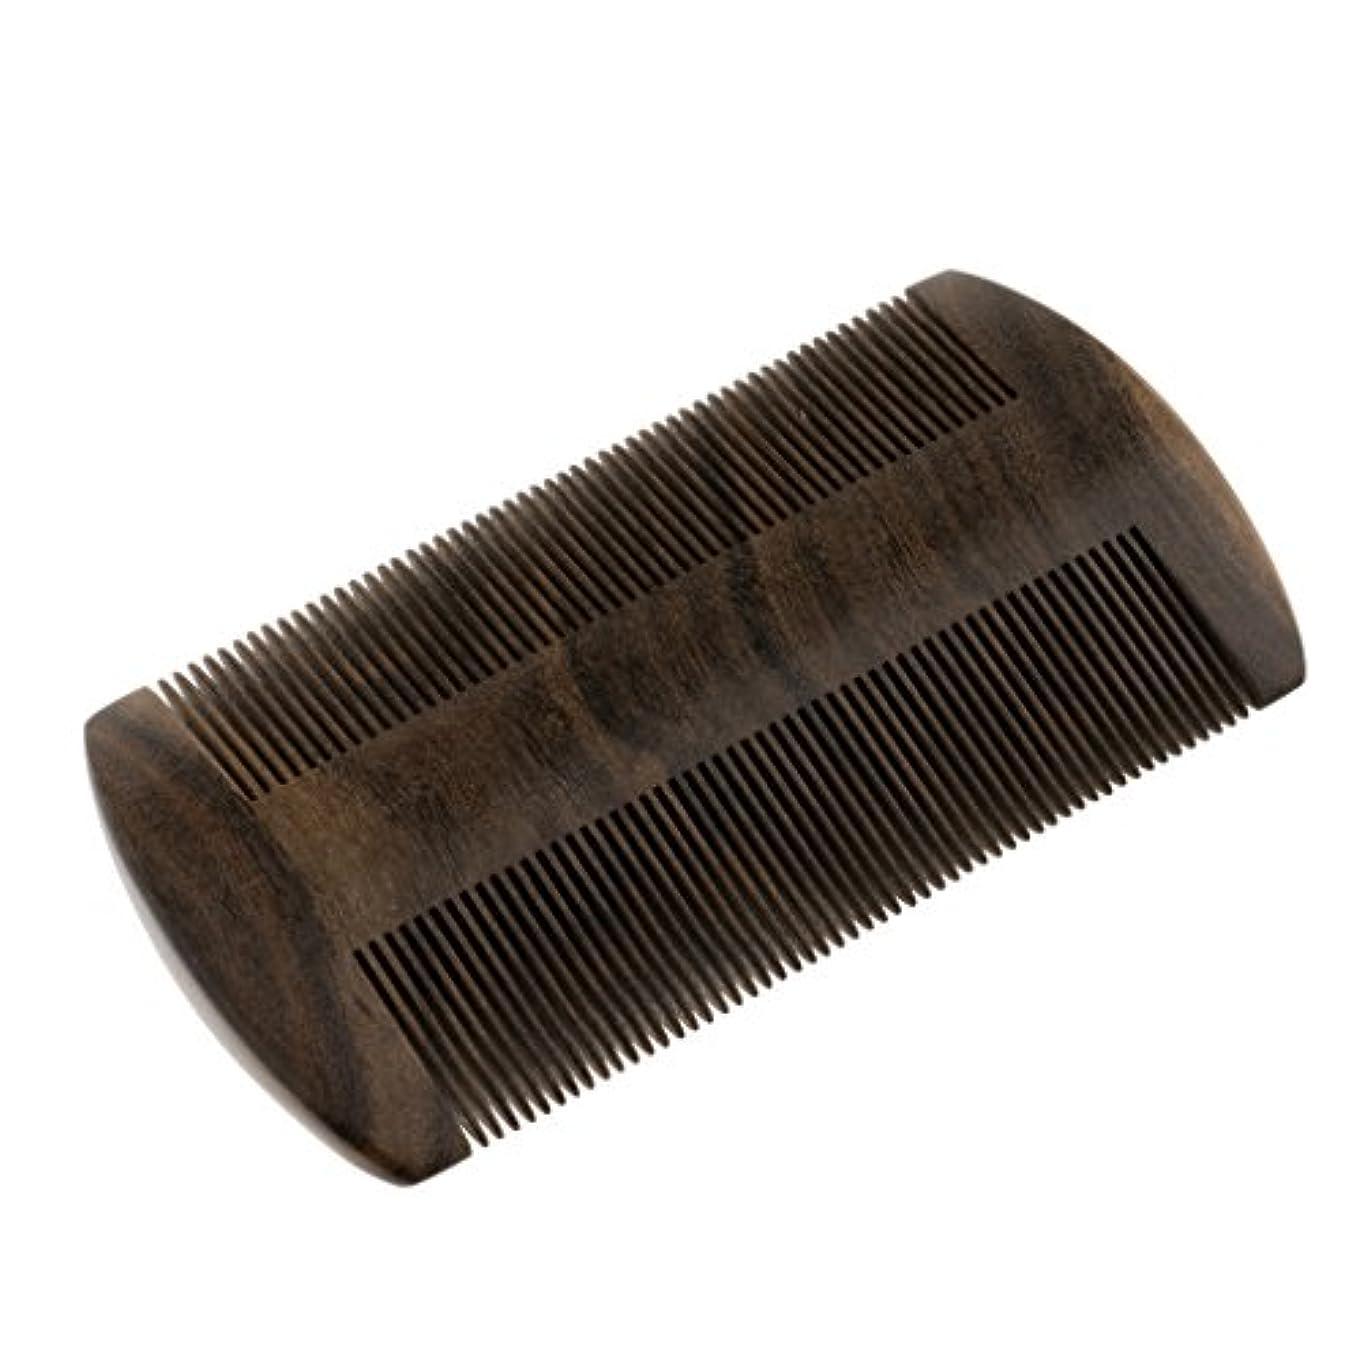 曖昧な寄付カポックヘアブラシ 静電気防止髭剃り櫛 ウッドコーム ミシュコーム 静電気防止